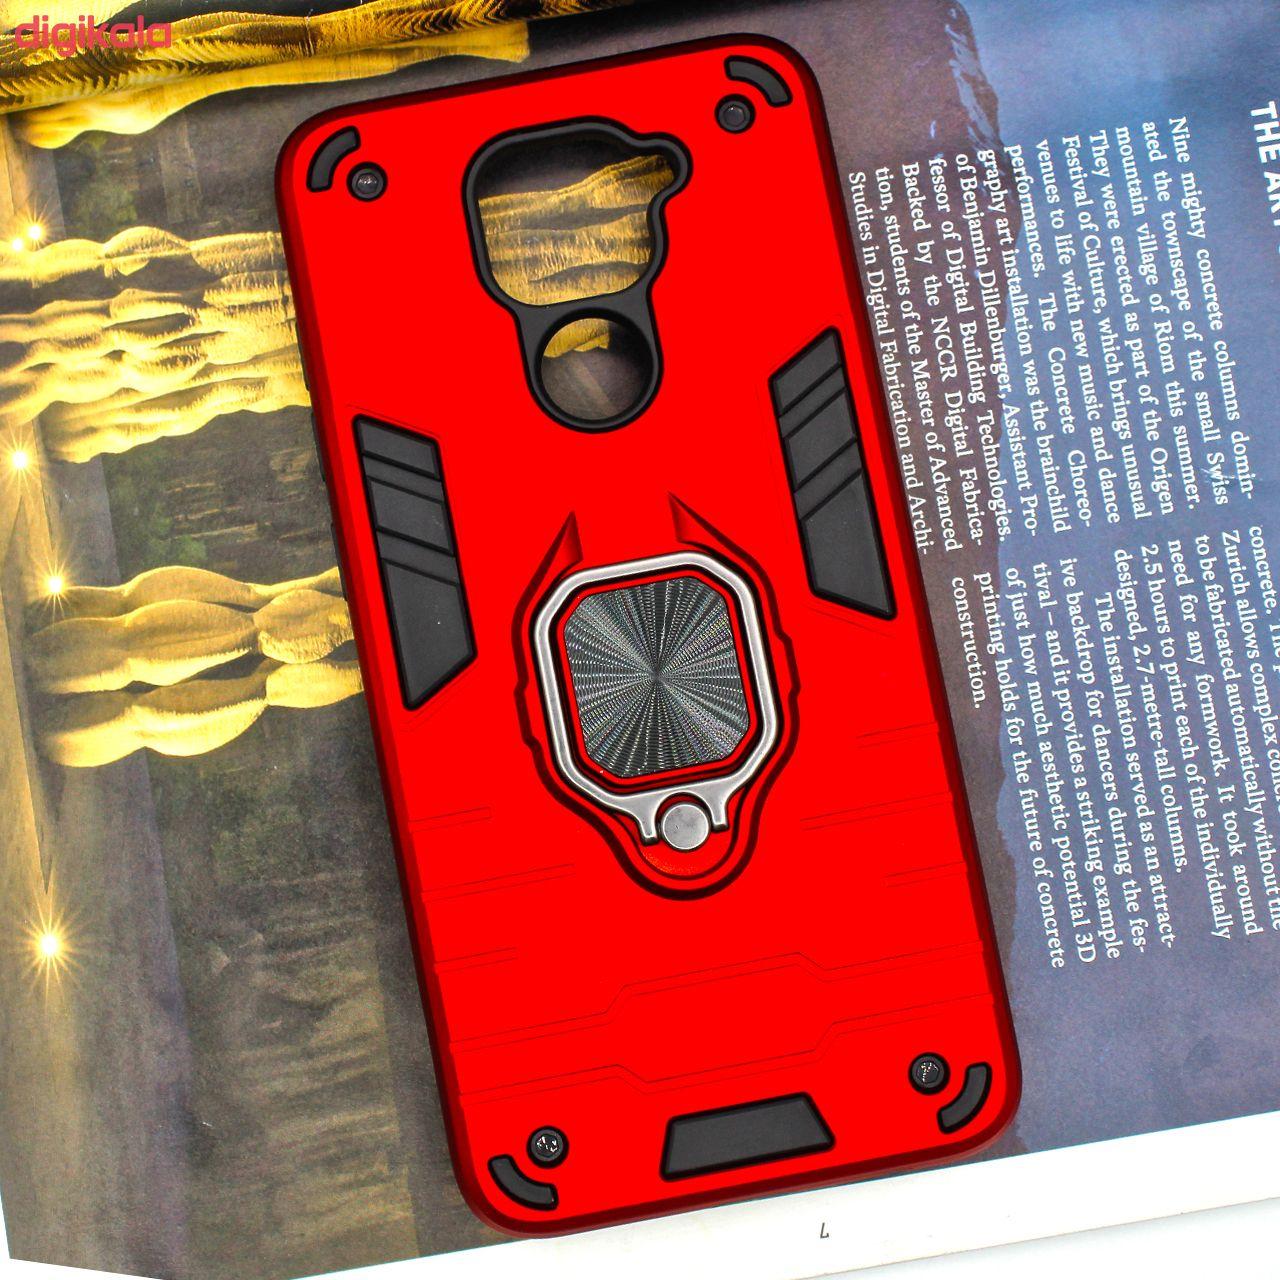 کاور کینگ پاور مدل ASH22 مناسب برای گوشی موبایل شیائومی Redmi Note 9 main 1 10